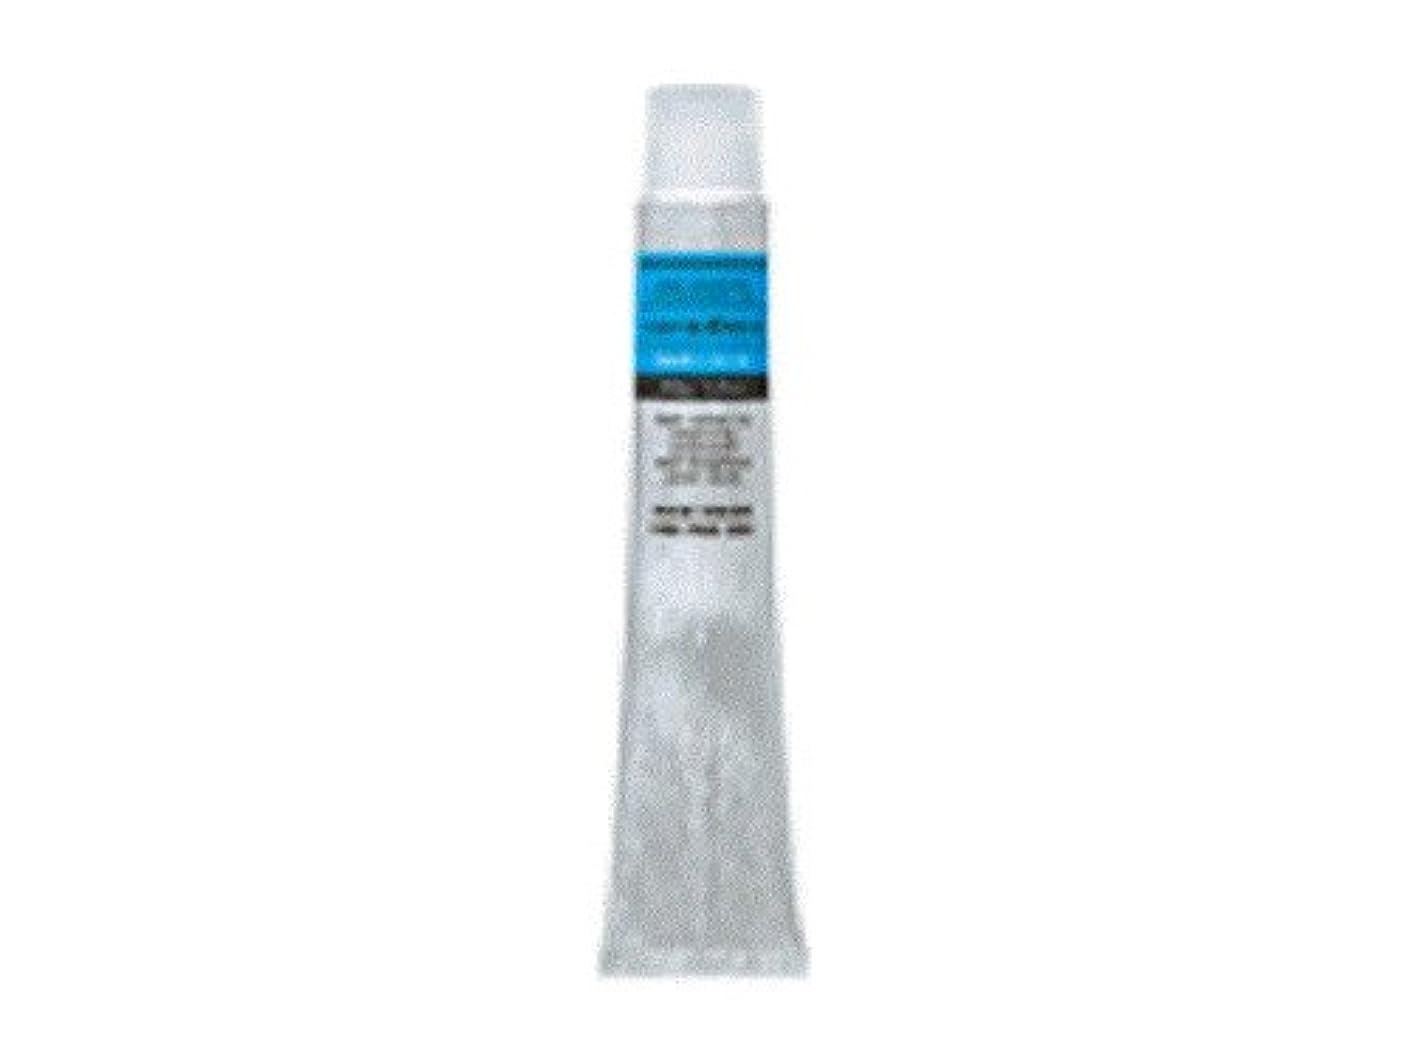 作者甘いプール中野製薬 ナカノ キャラデコ 1剤(アクセントカラー)80g (Ash/a)